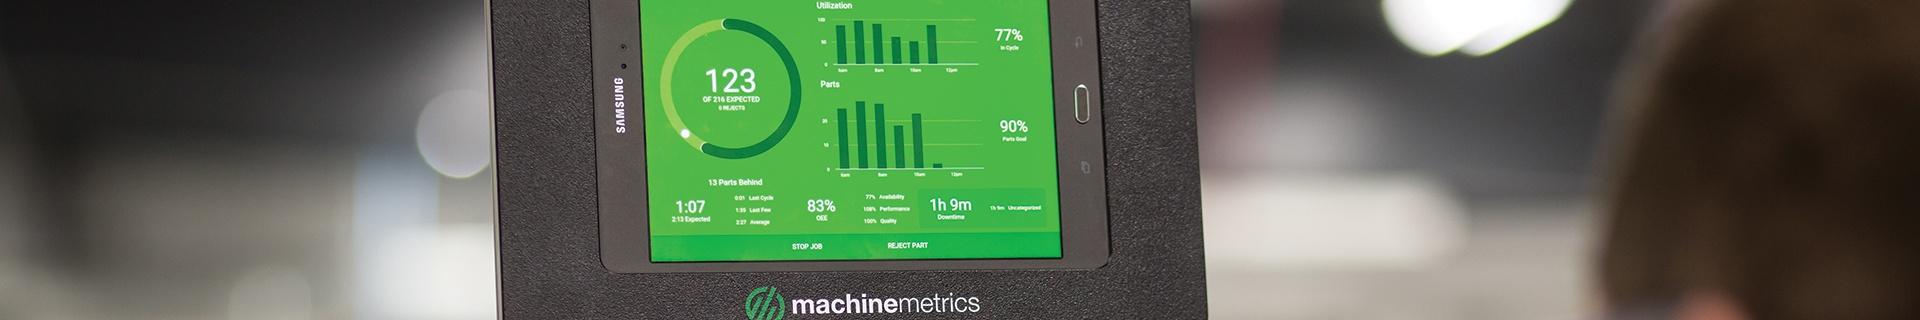 Event History & Timelines - Machine Monitoring Analytics   MachineMetrics